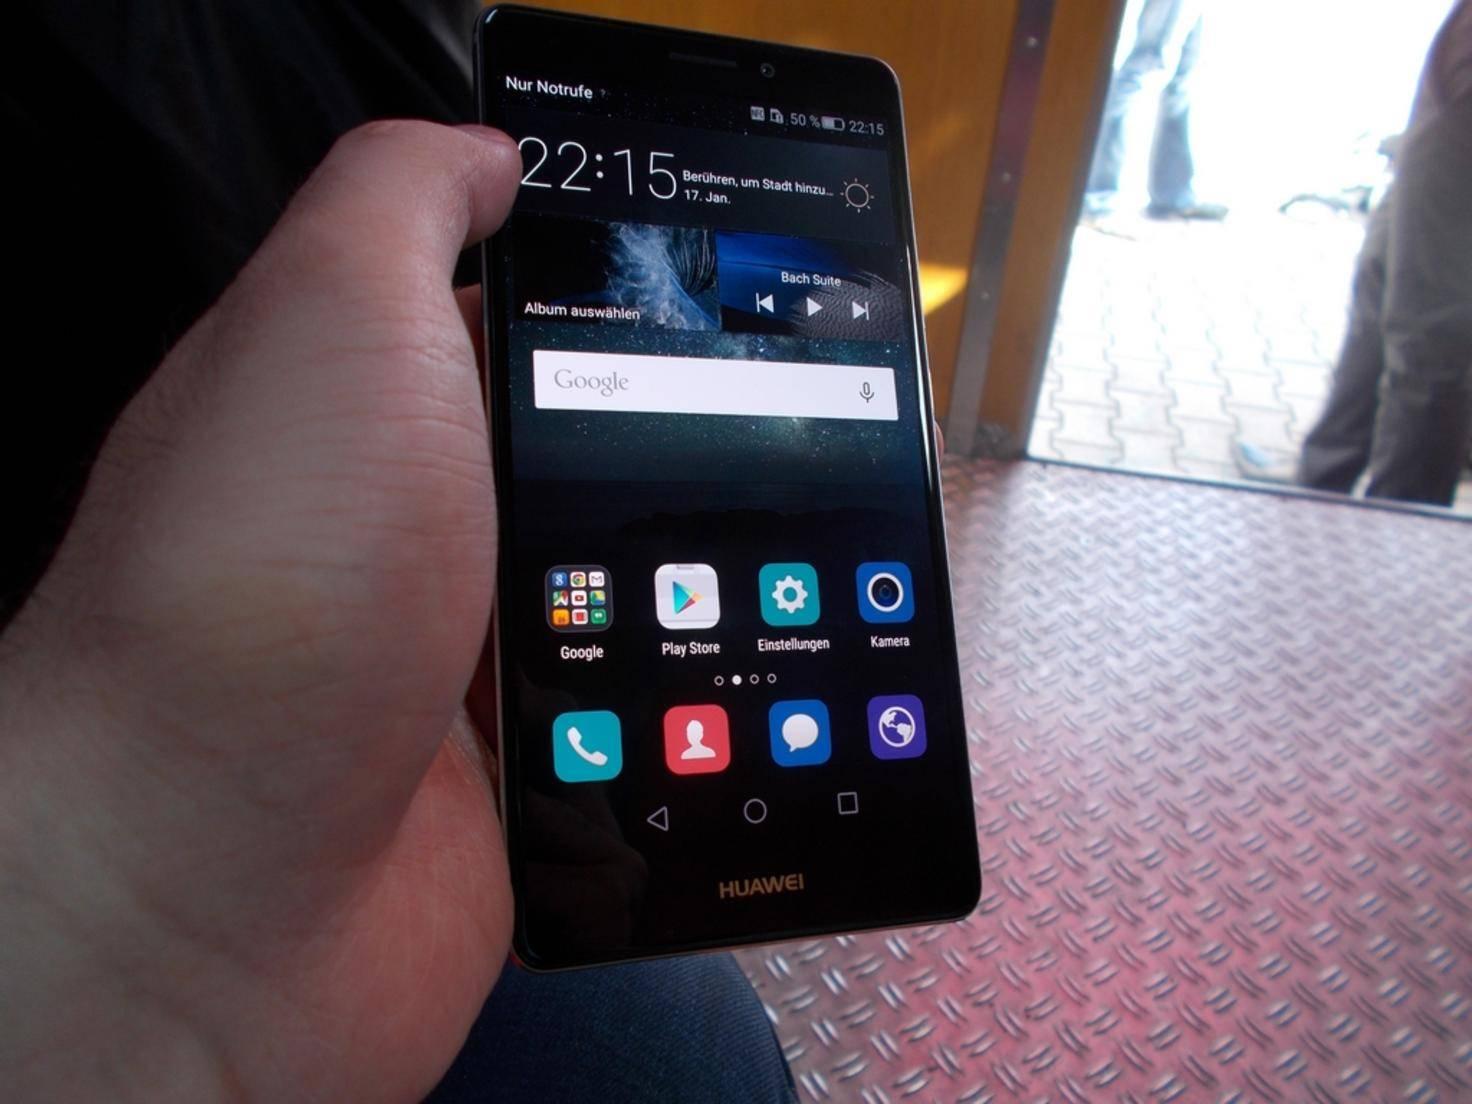 Huawei_MateS_03